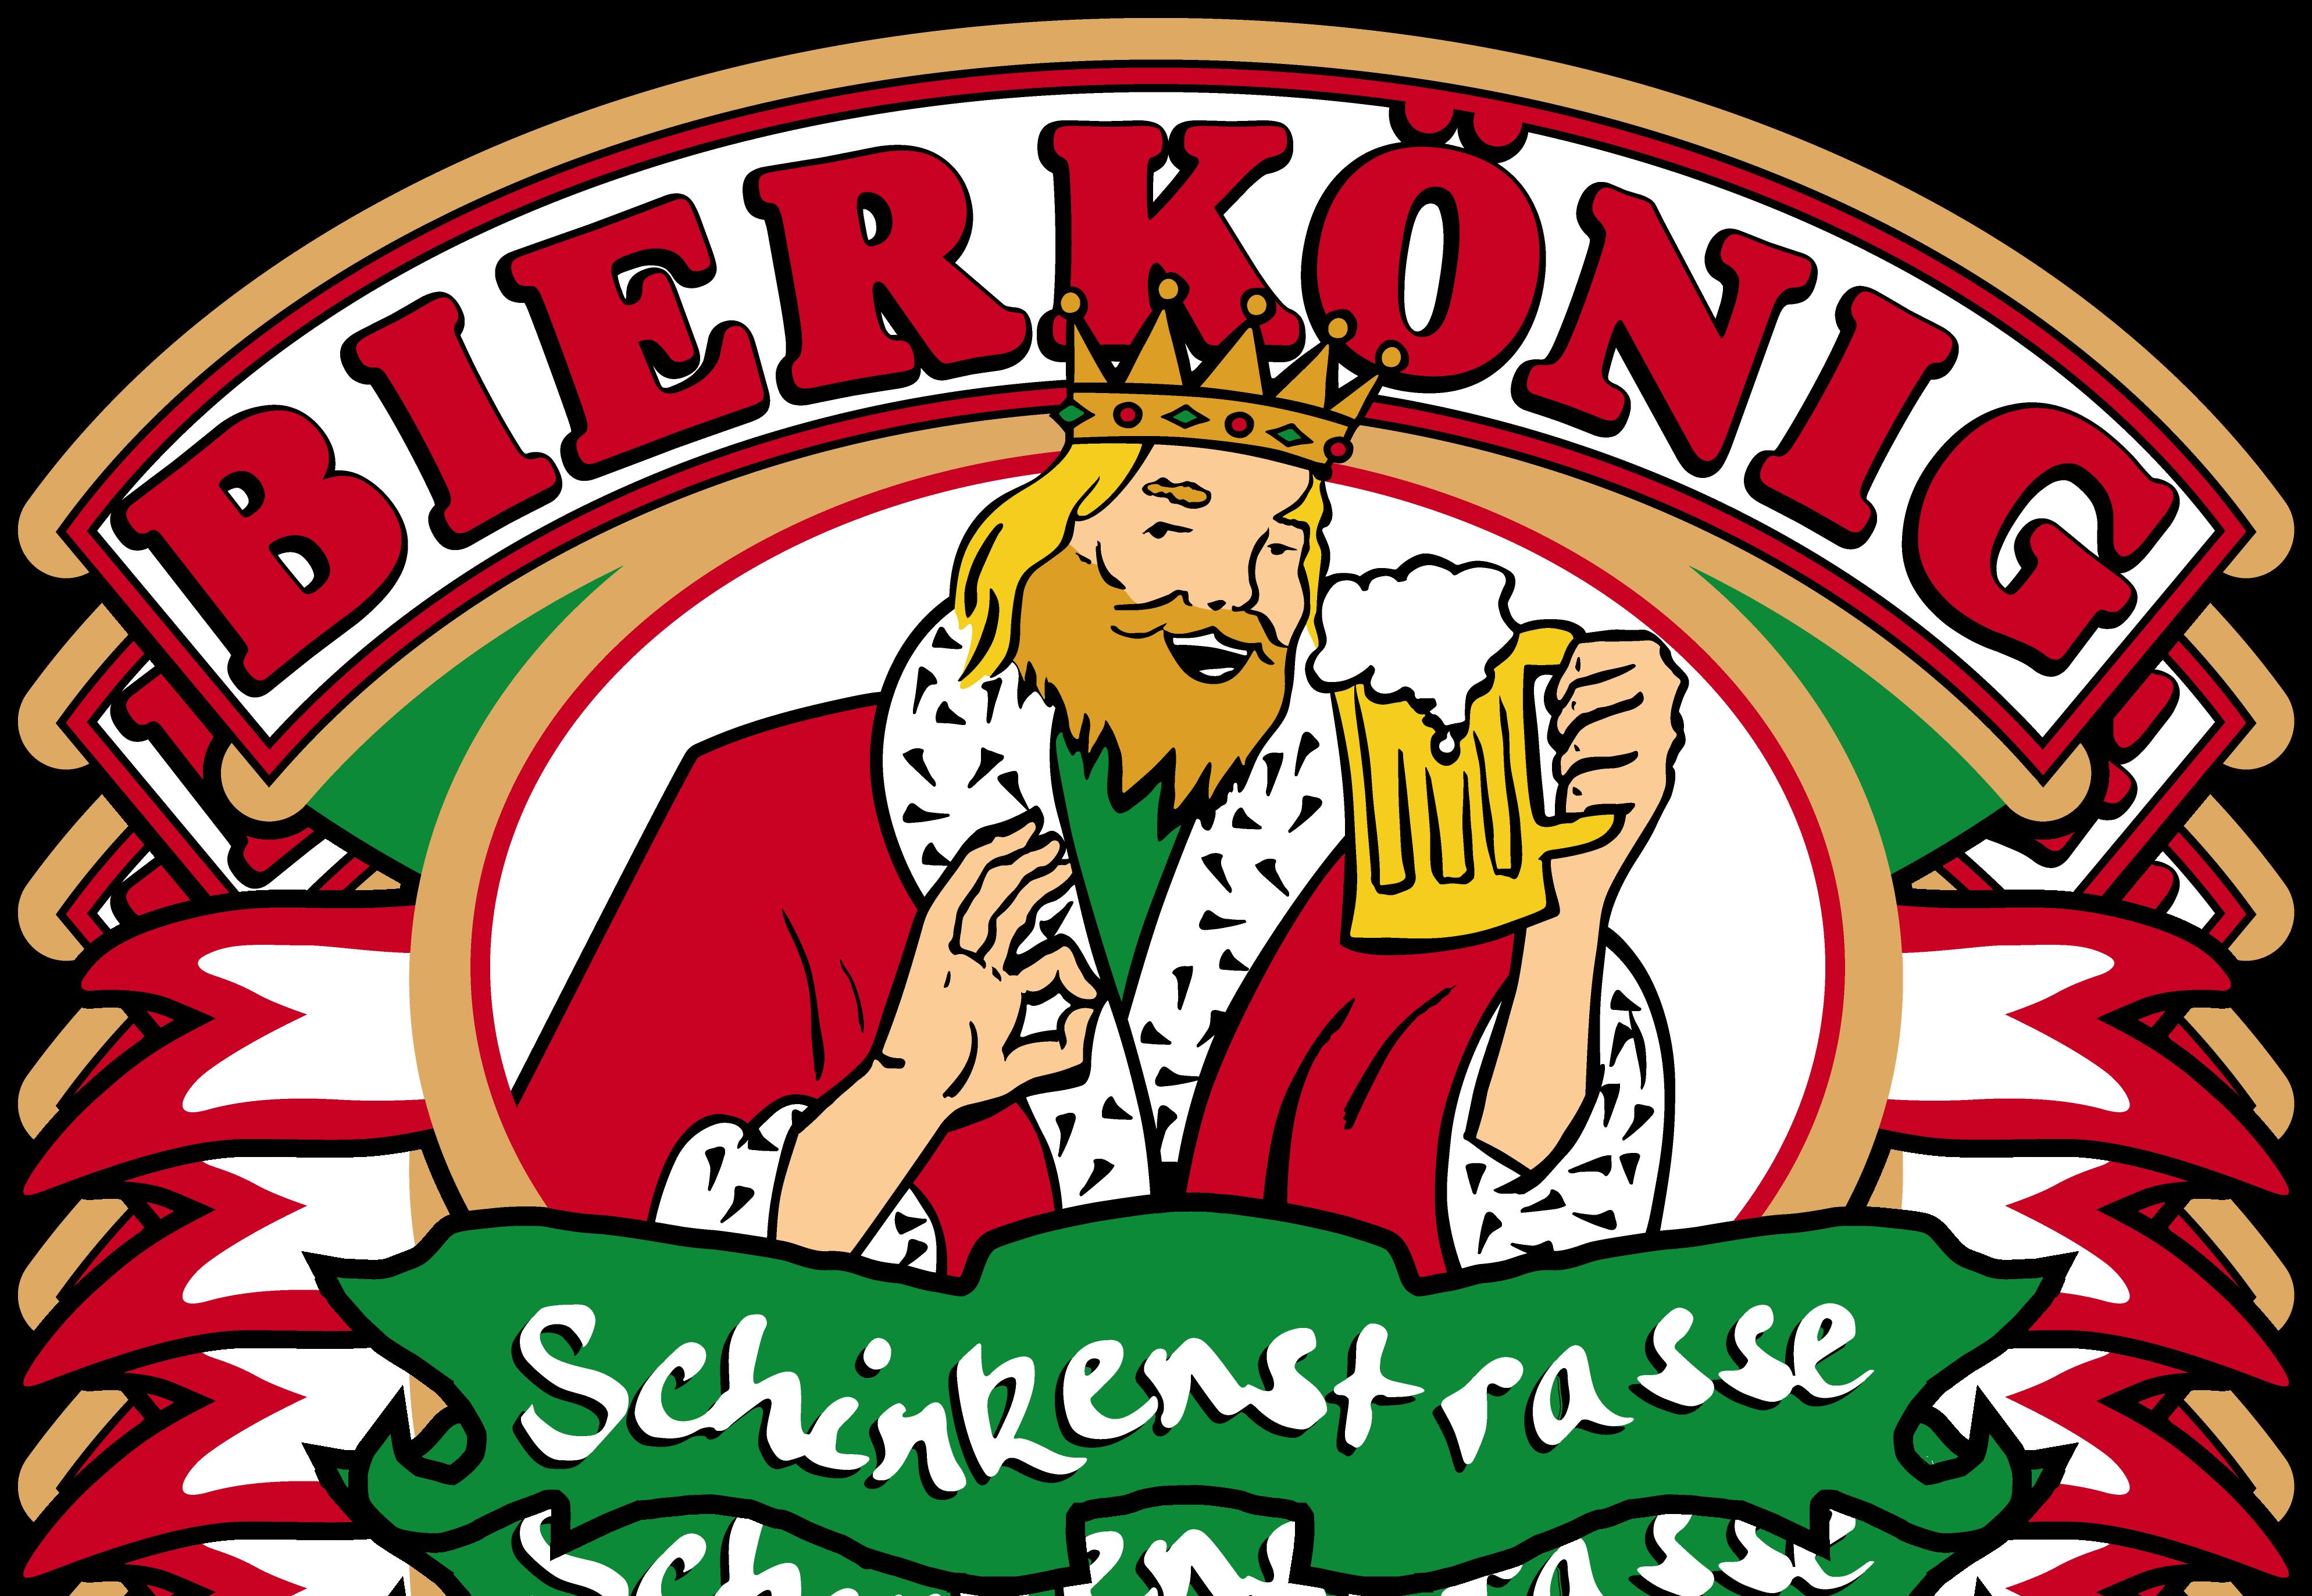 Pin von PabisaHotels auf Bierkönig Bierkönig, Bierkönig